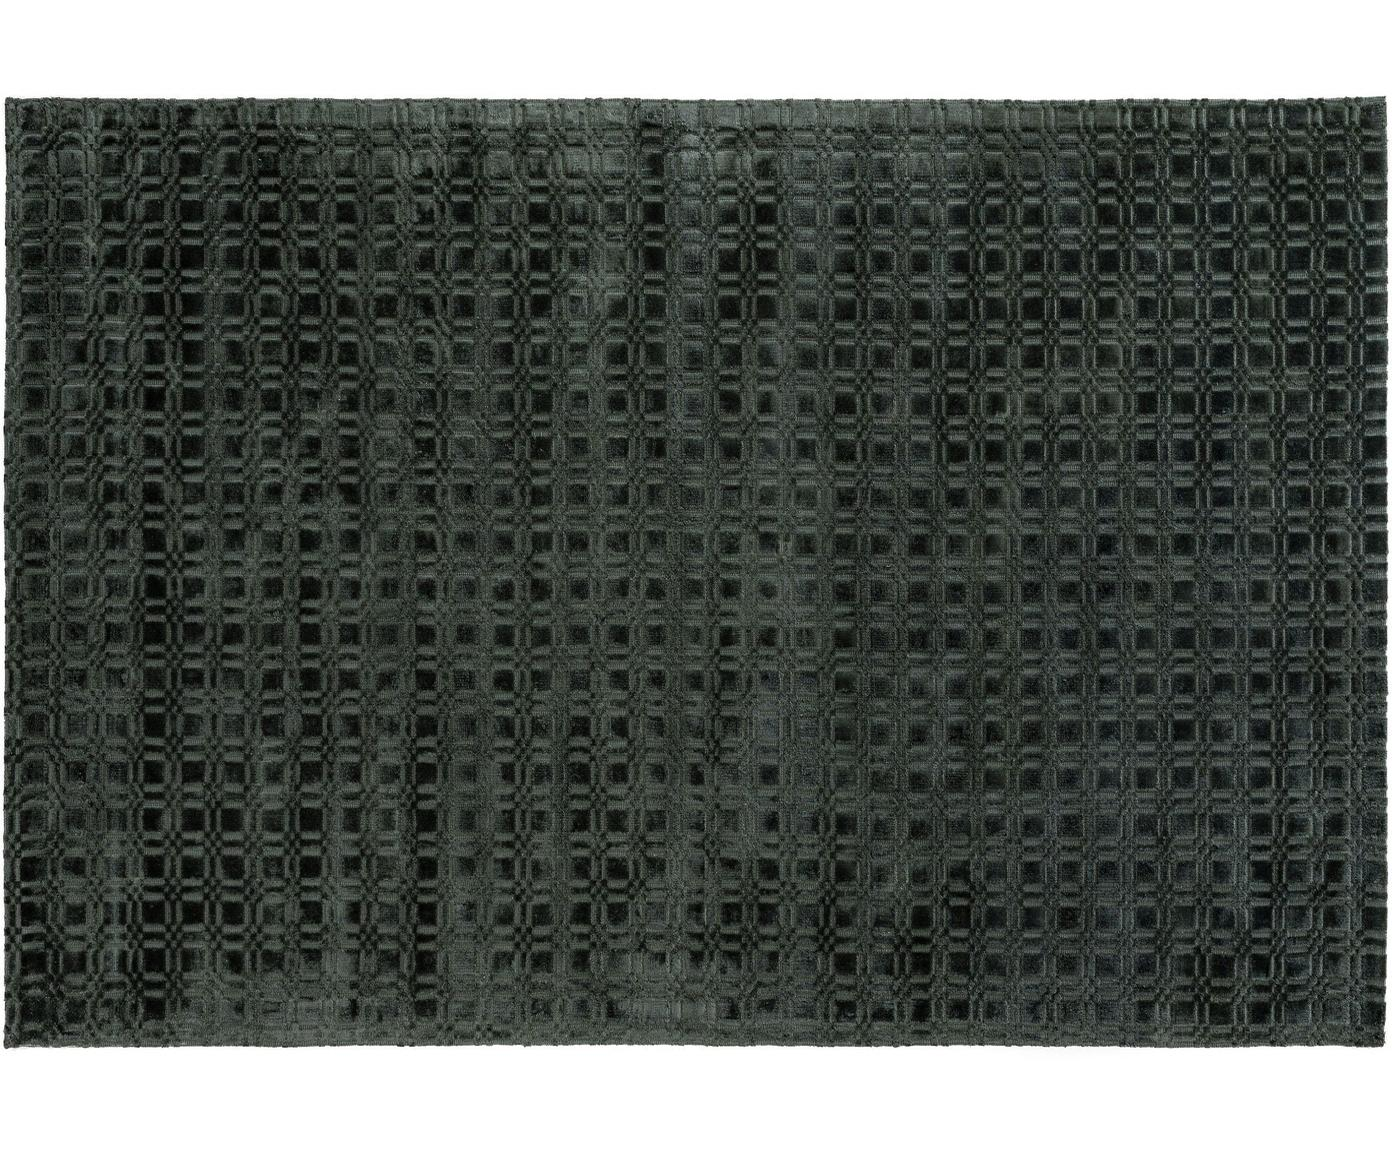 Handgeweven viscose vloerkleed Nelson, pluizig glanzend, Viscose, Donkergroen, B 140 x L 200 cm (maat S)